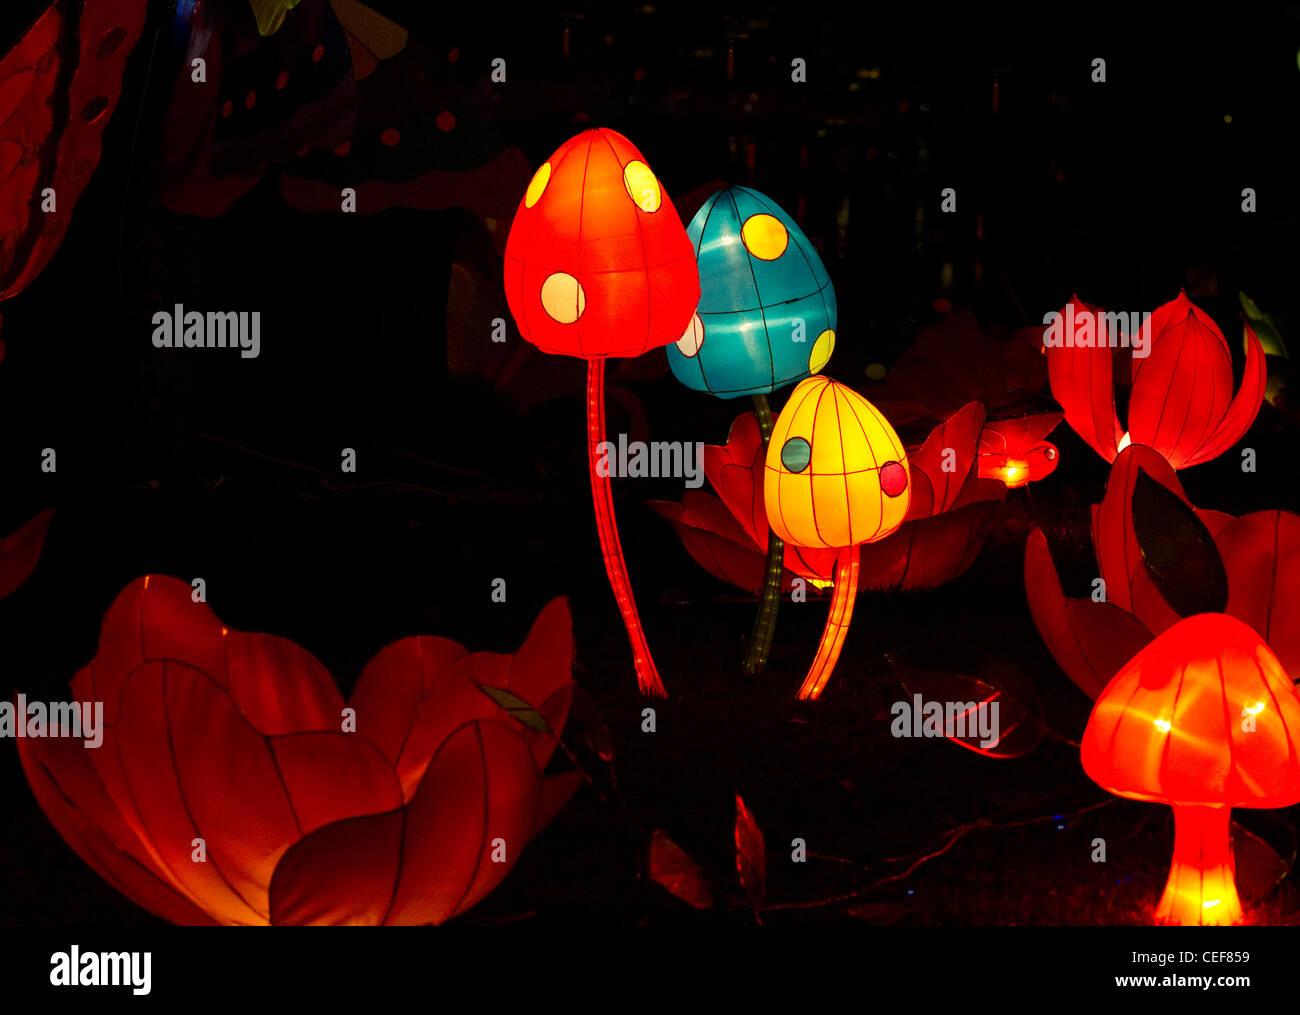 how to make mid autumn festival lantern